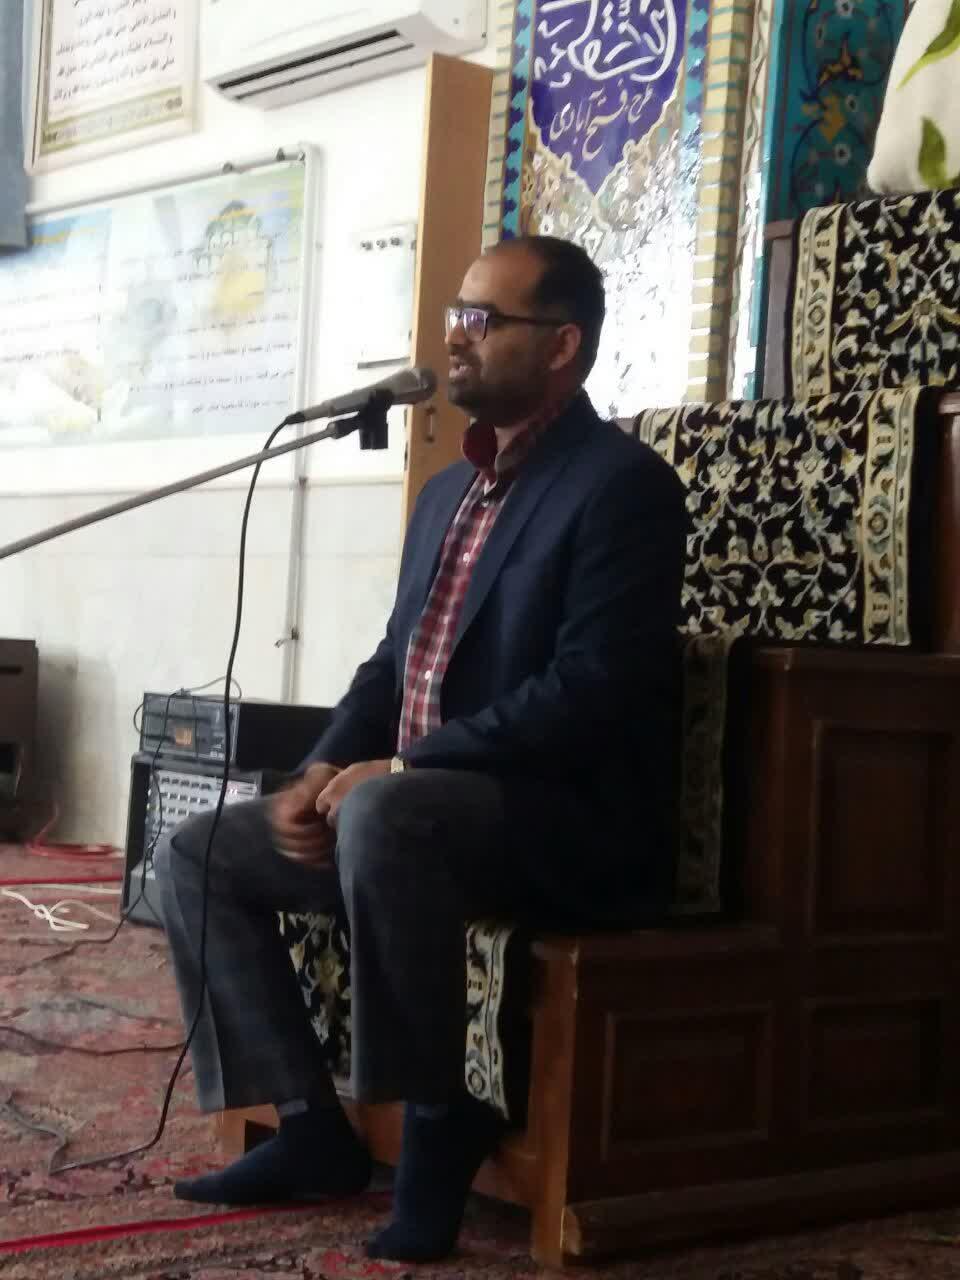 مراسم معنوی اعتکاف در حسن آباد حضرت صادق الائمه علیه السلام